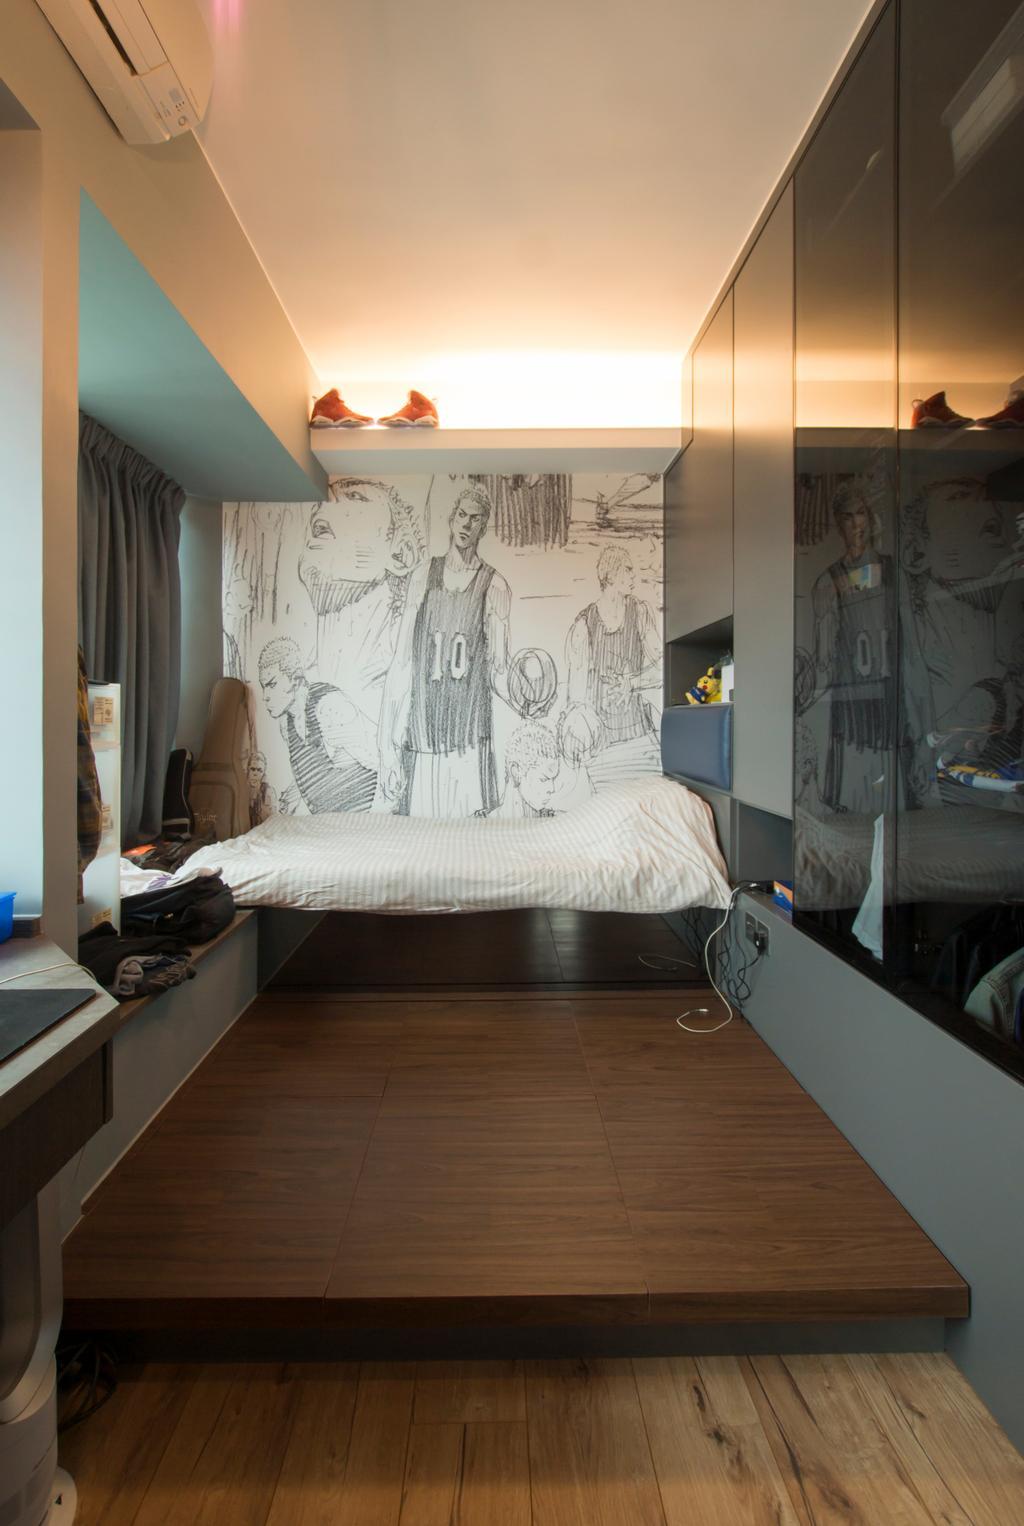 工業, 私家樓, 領都, 室內設計師, 雨田創建, 復古, Human, People, Person, Bed, Furniture